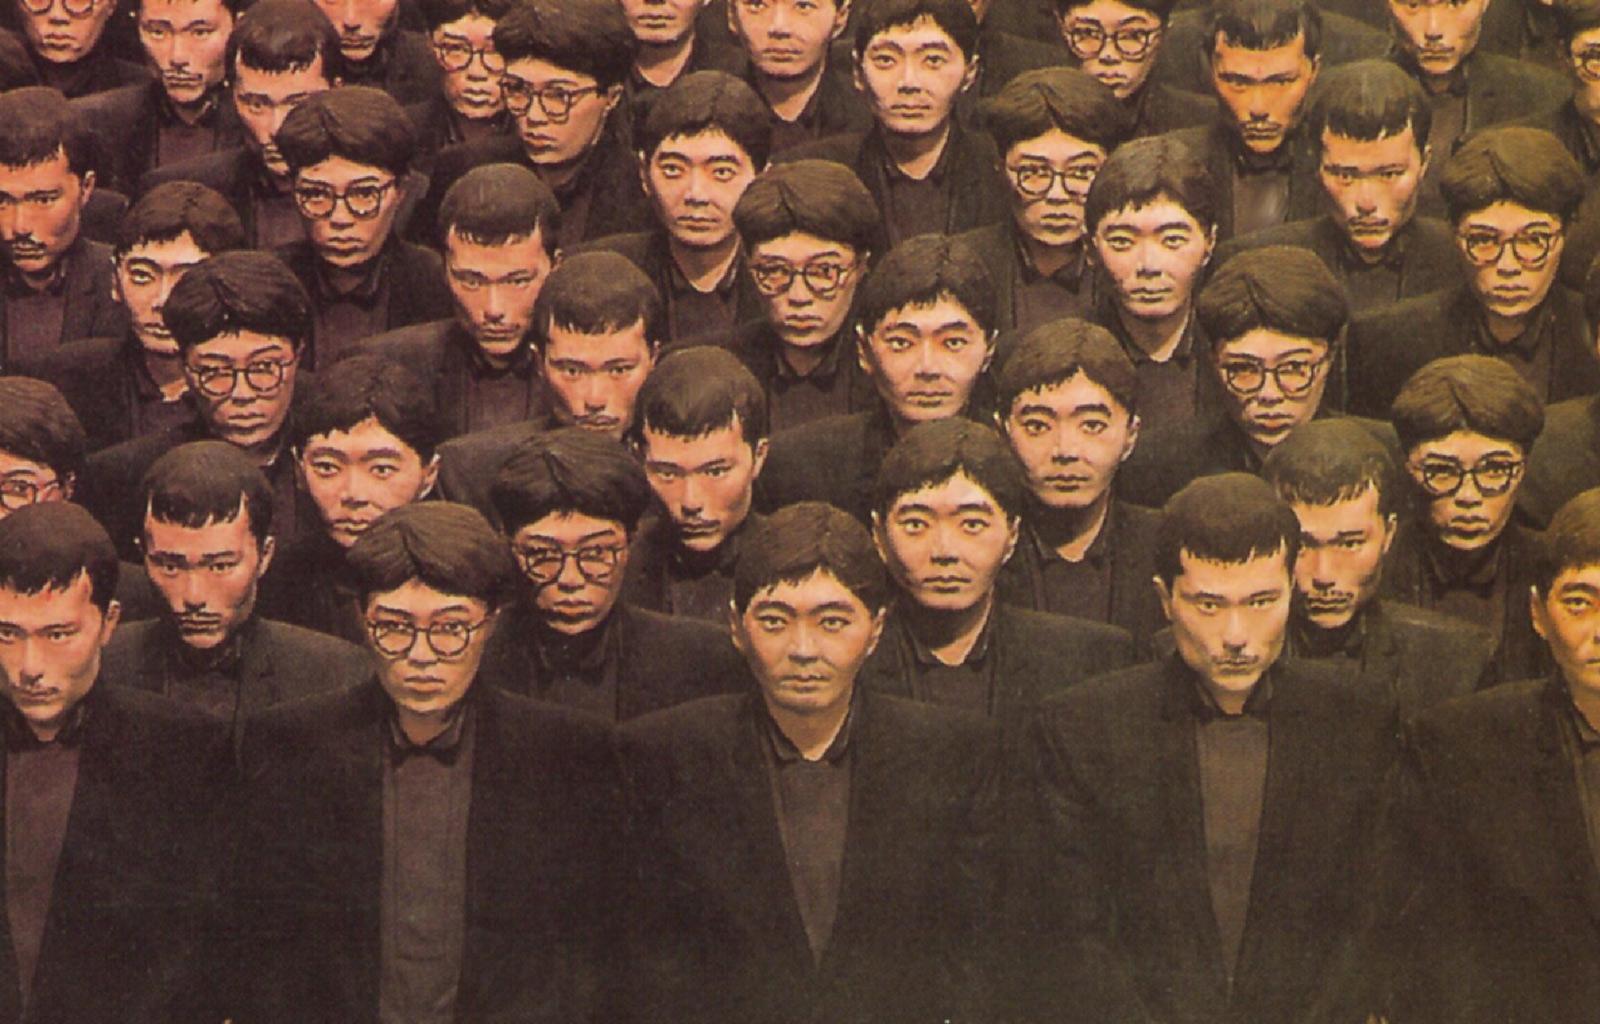 イエロー・マジック・オーケストラ : Yellow Magic Orchestra